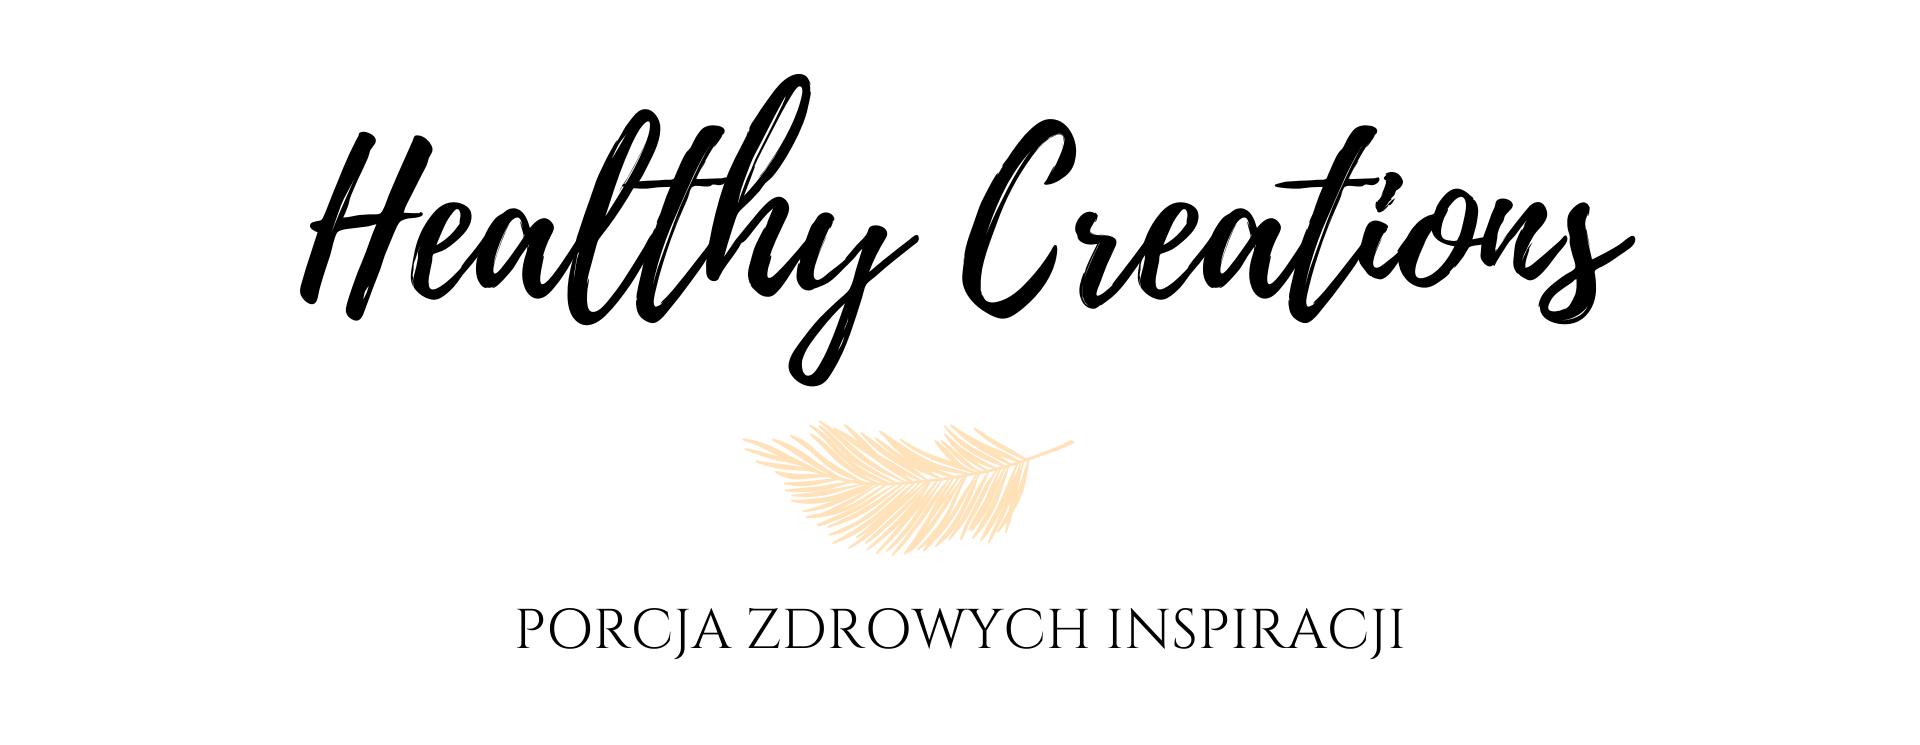 Healthycreations – zdrowe odżywianie jest prostsze niż myślisz!